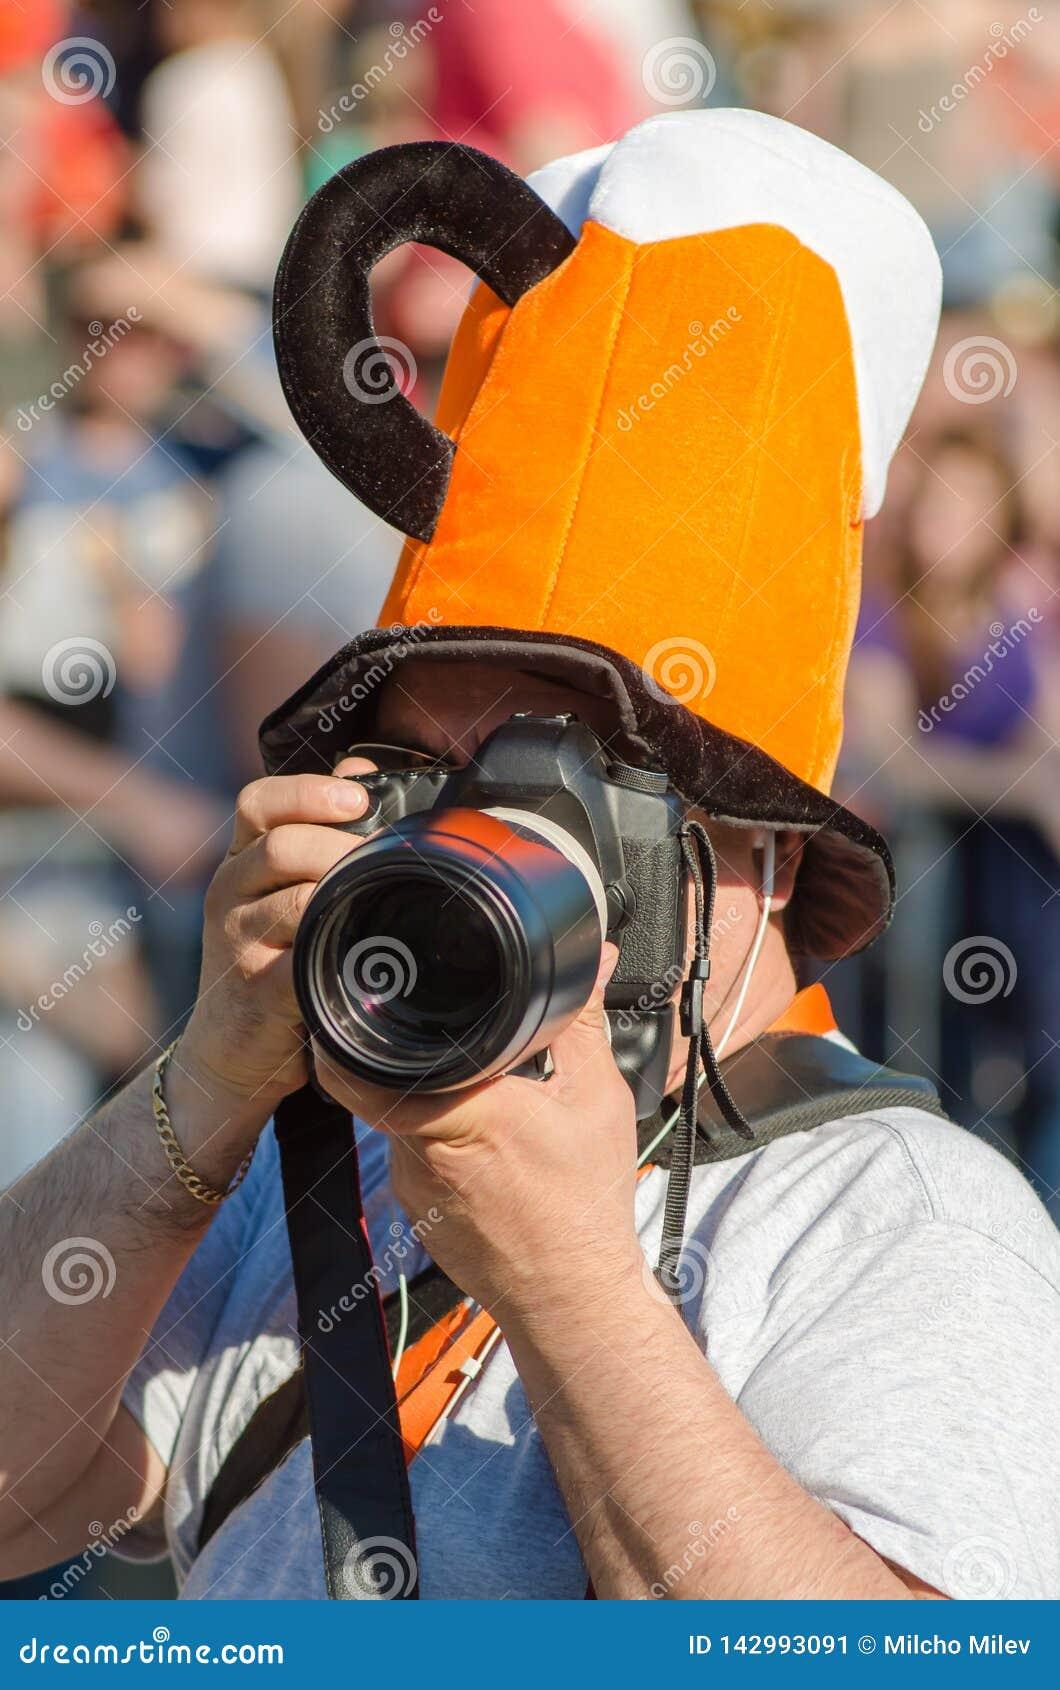 Профессиональный фотограф камеры снял отчет о масленицы и фестиваль юмора и сатиры в Gabrovo, Болгарии